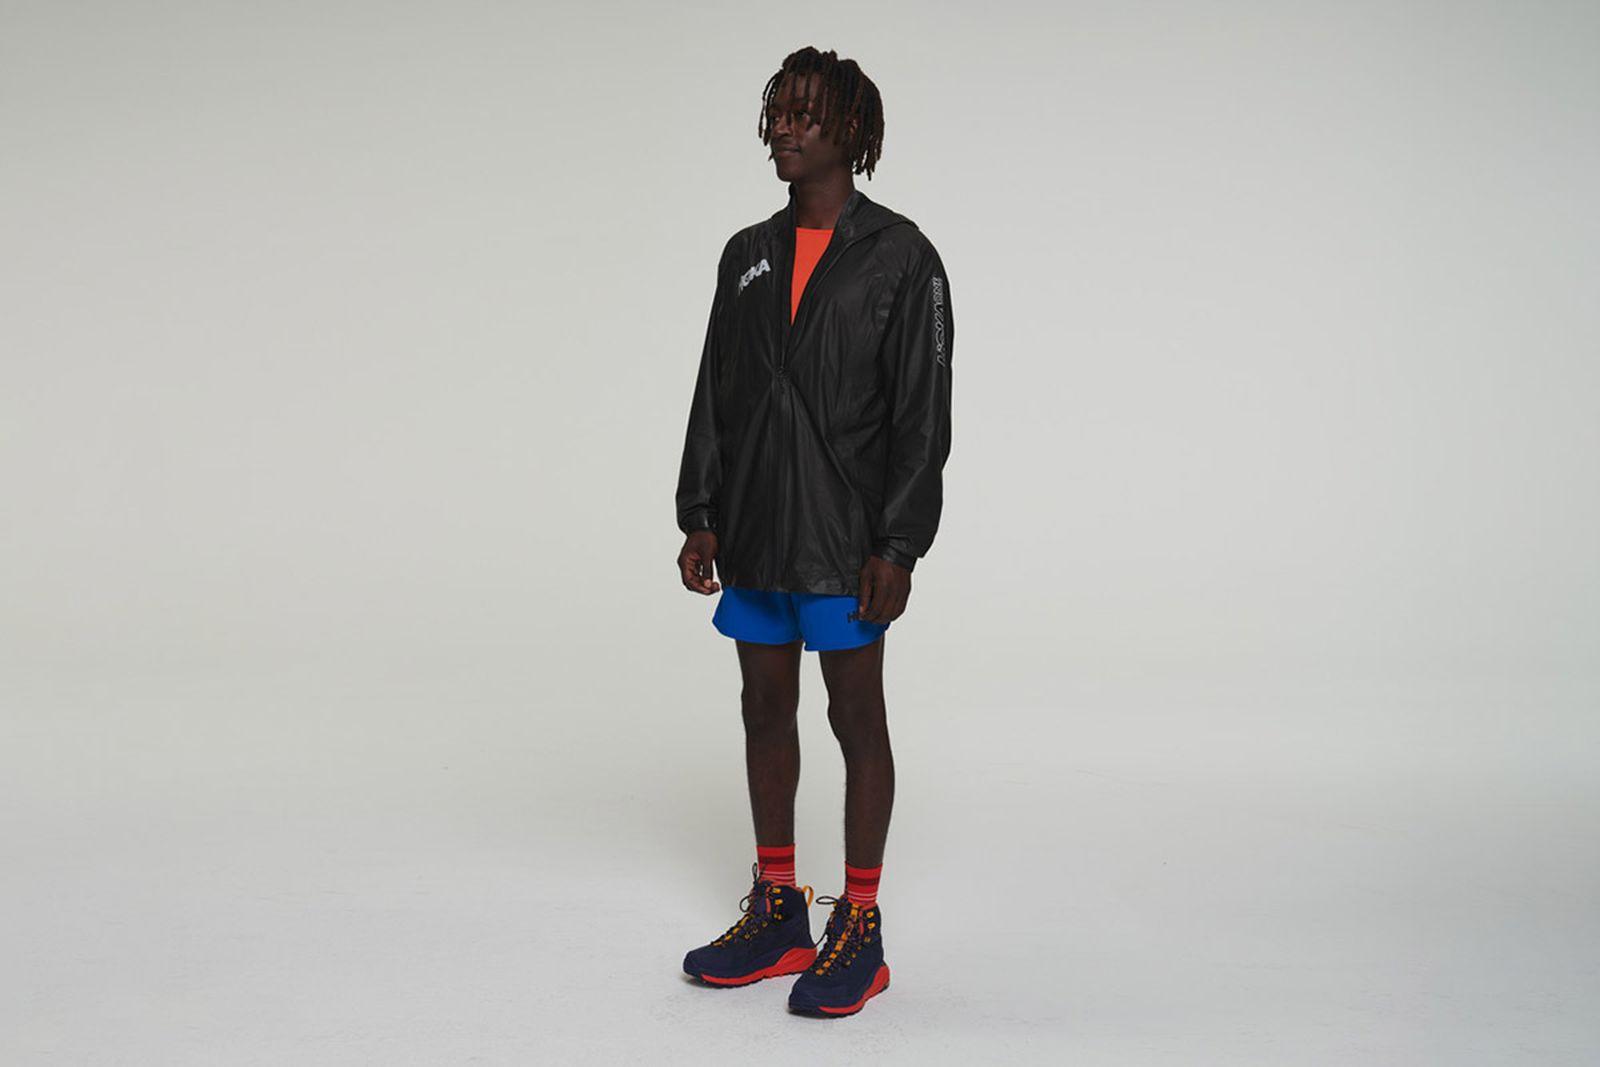 hoke-one-one-ss20-apparel-010